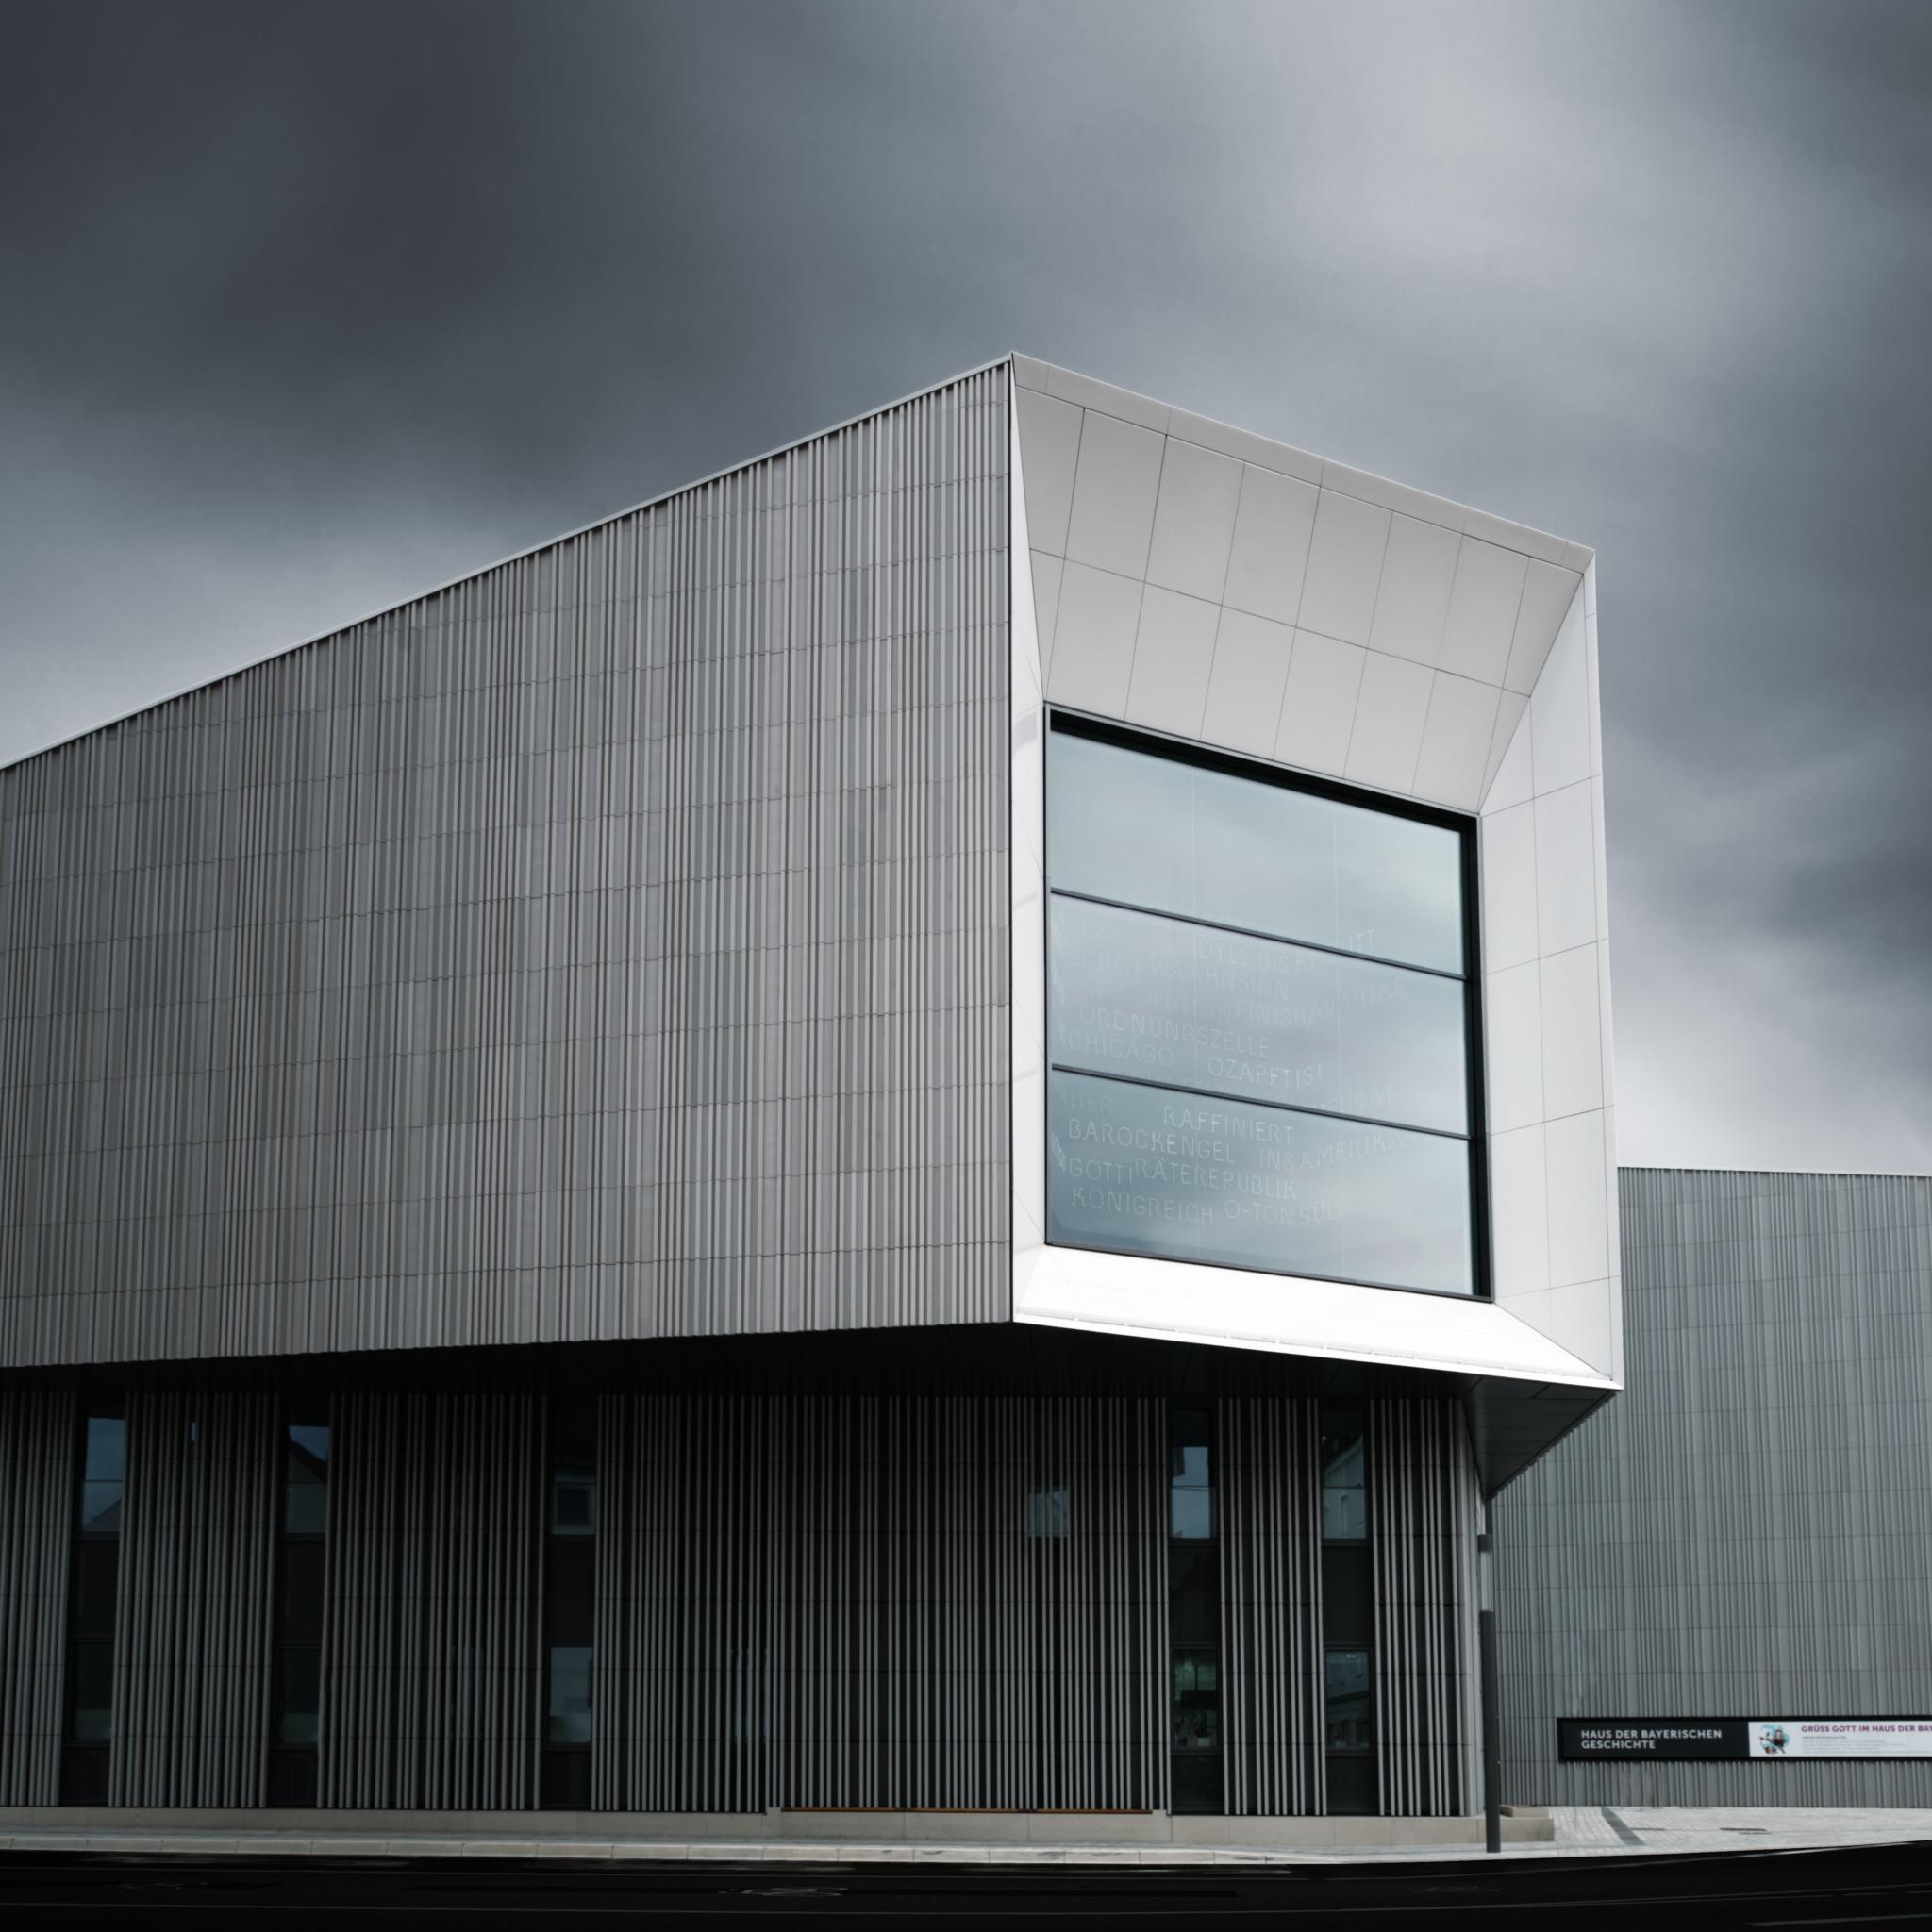 - Giant Window II - Copyright Timon Först, Fotograf für Architektur- und Landschaftsfotografie